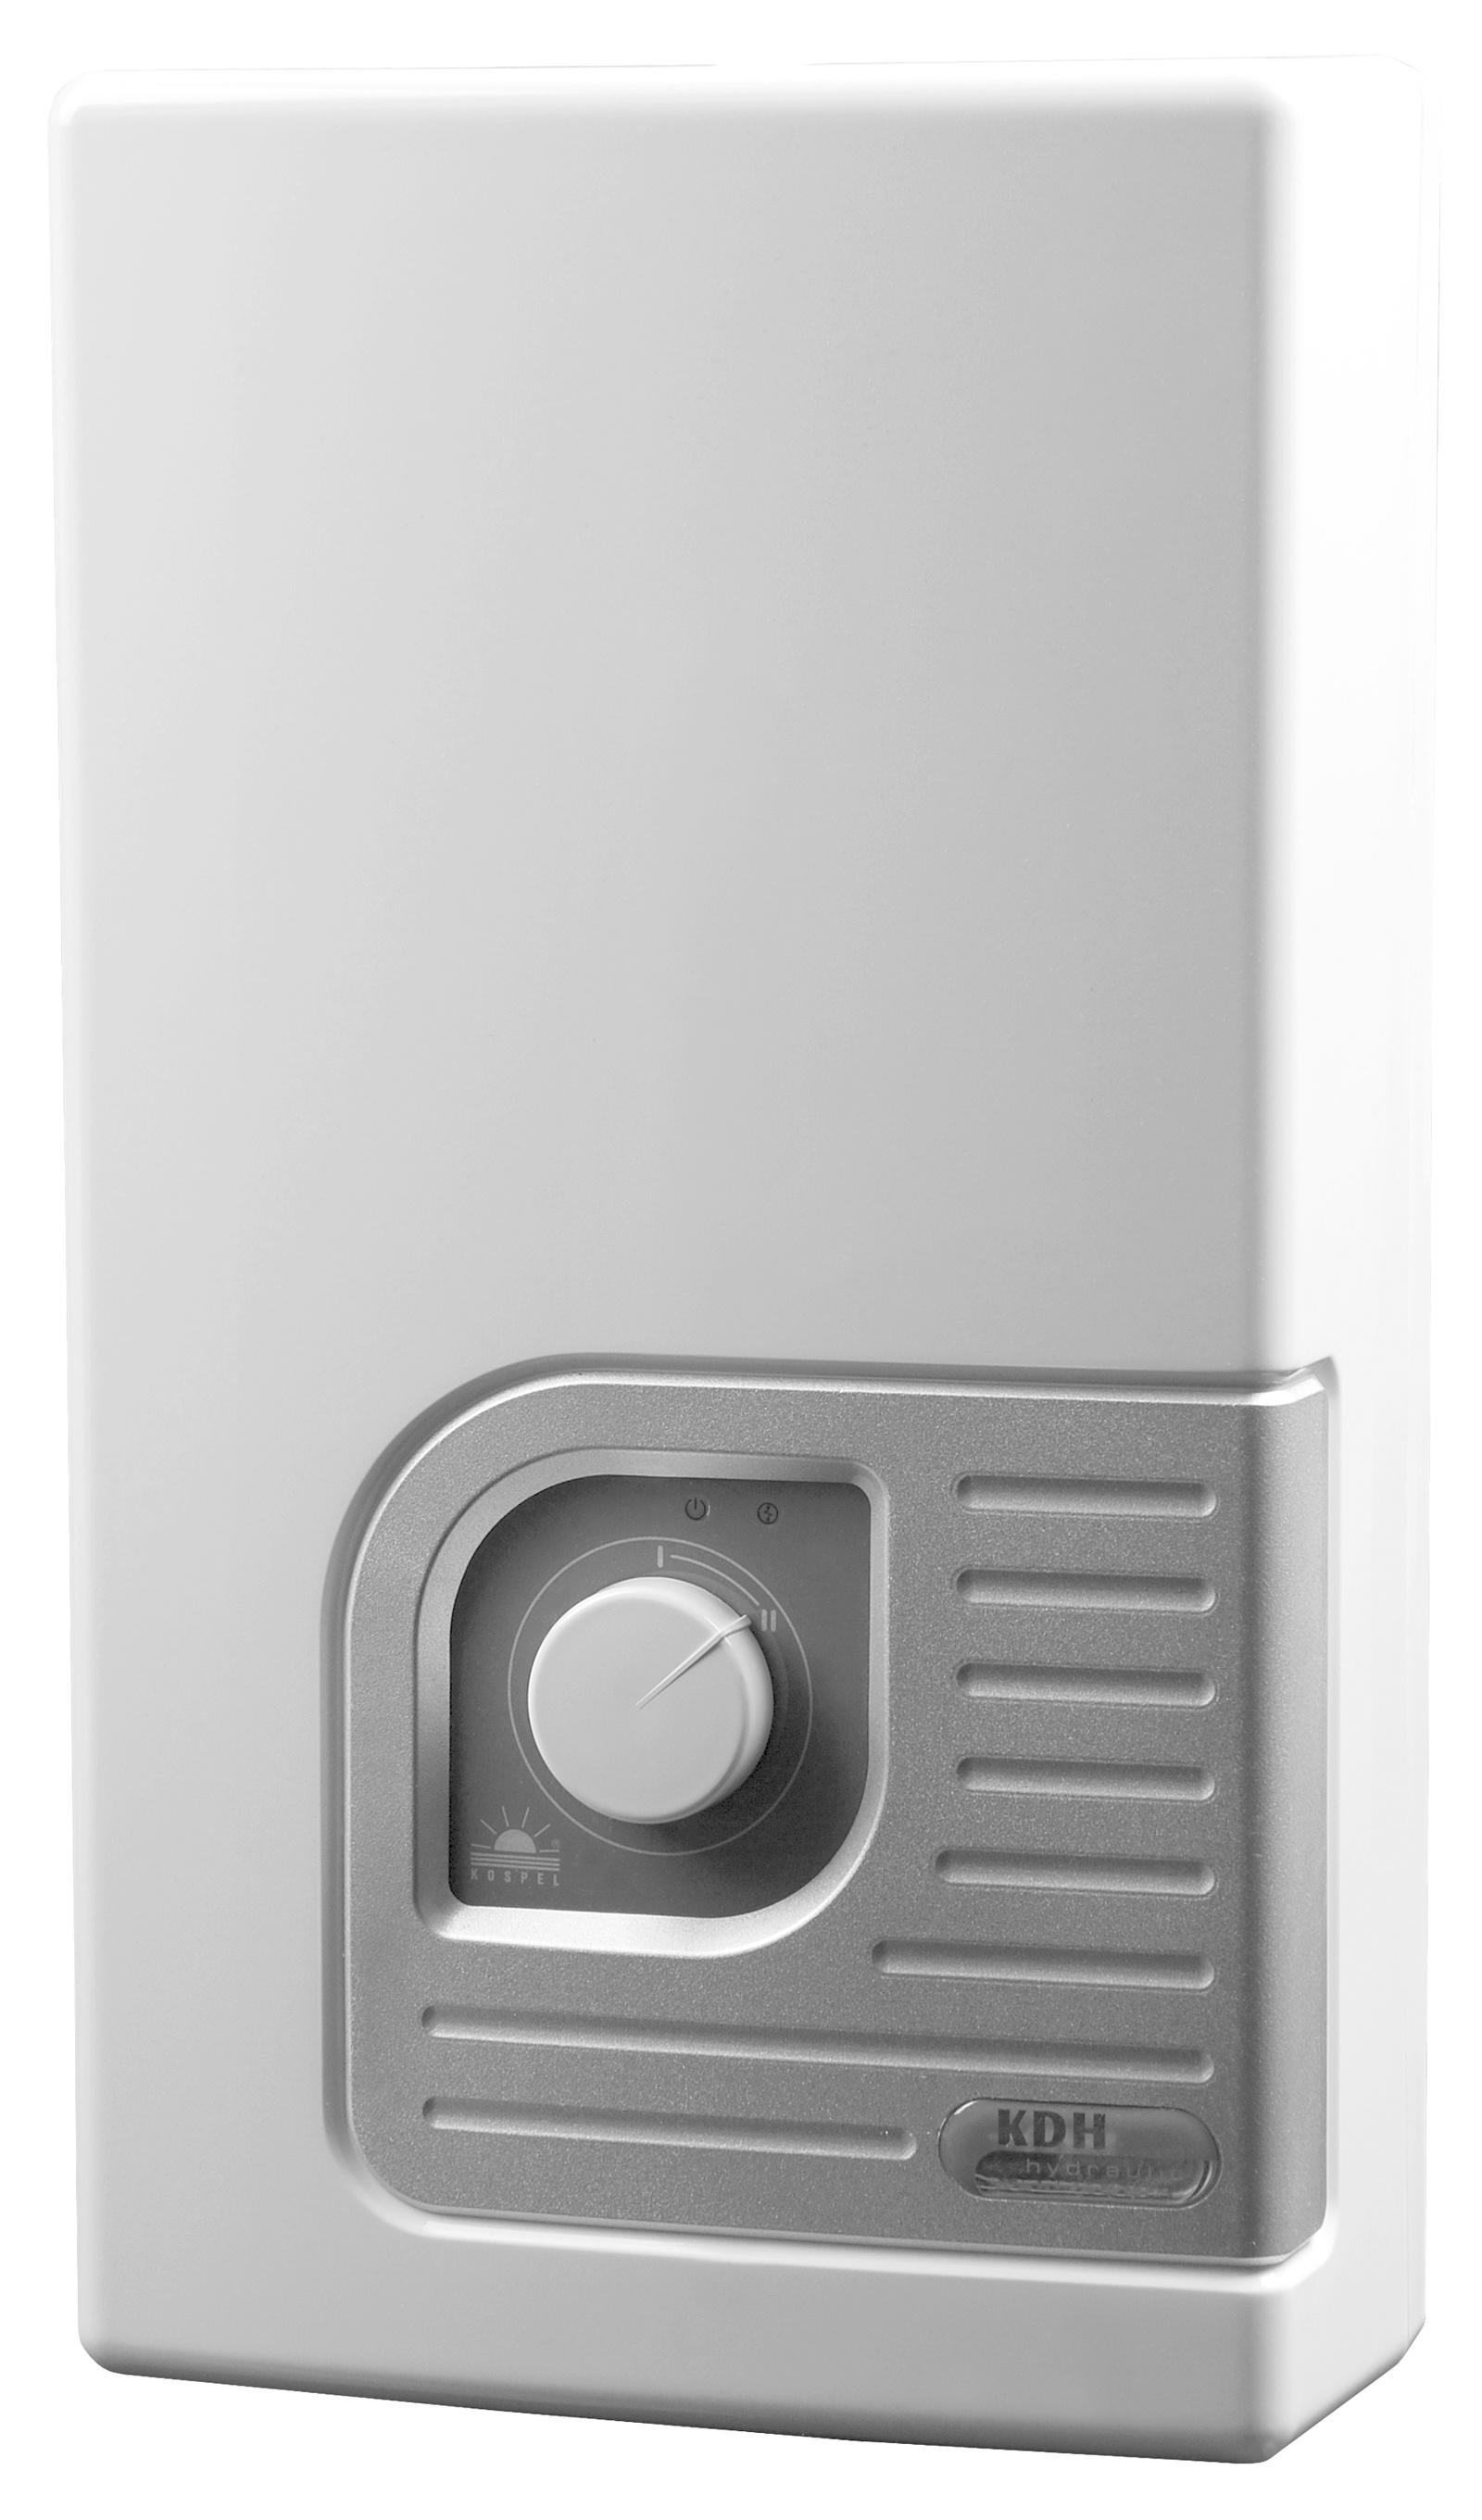 Водонагреватель проточный электрический Kospel KDH18Luxus Электрический проточный водонагреватель KDH 18 Luxus от компании...